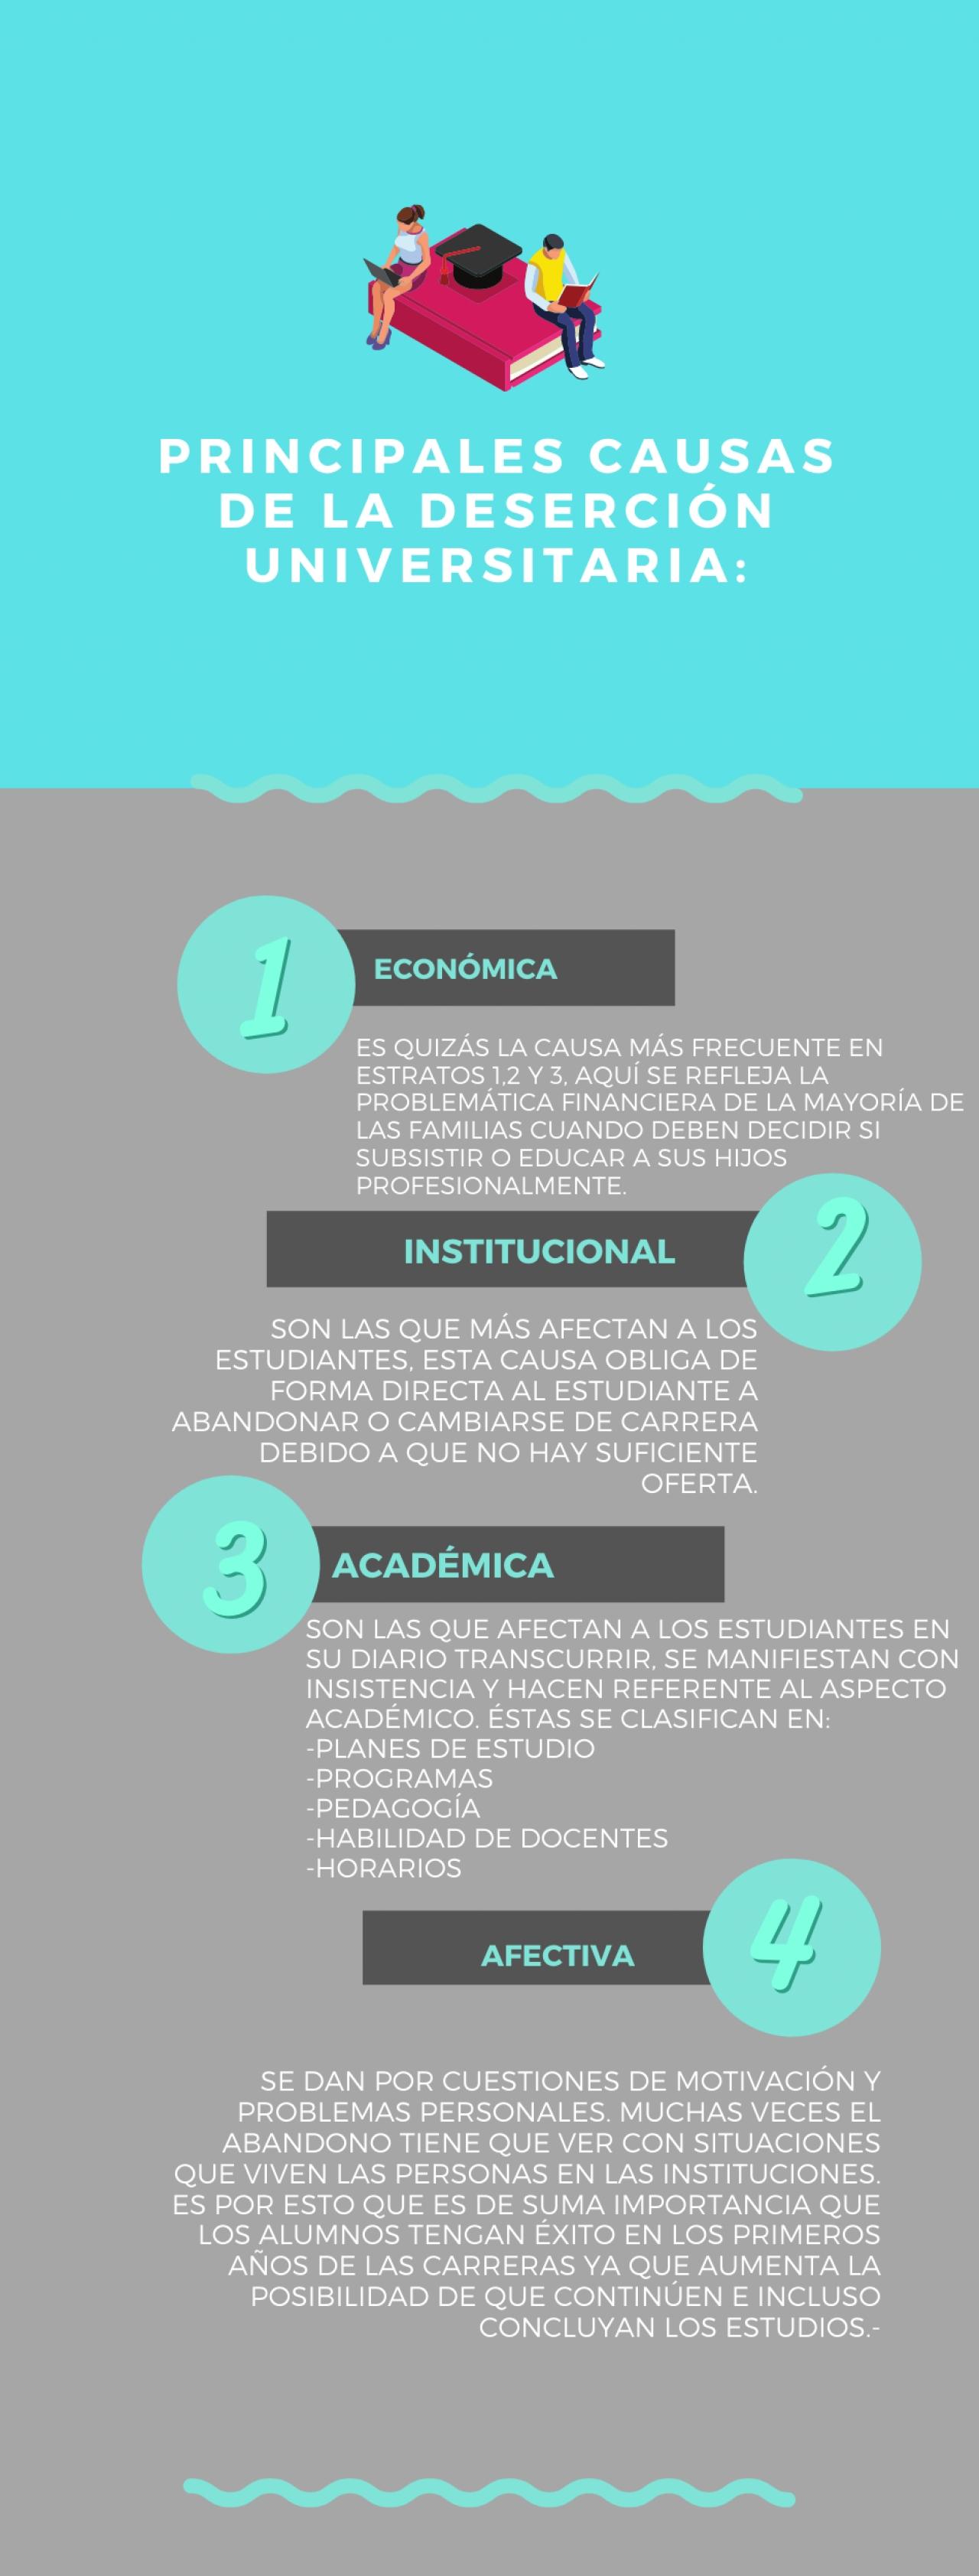 Estudiar en la Universidad en Colombia: ¿un derecho, un lujo o una simple quimera?